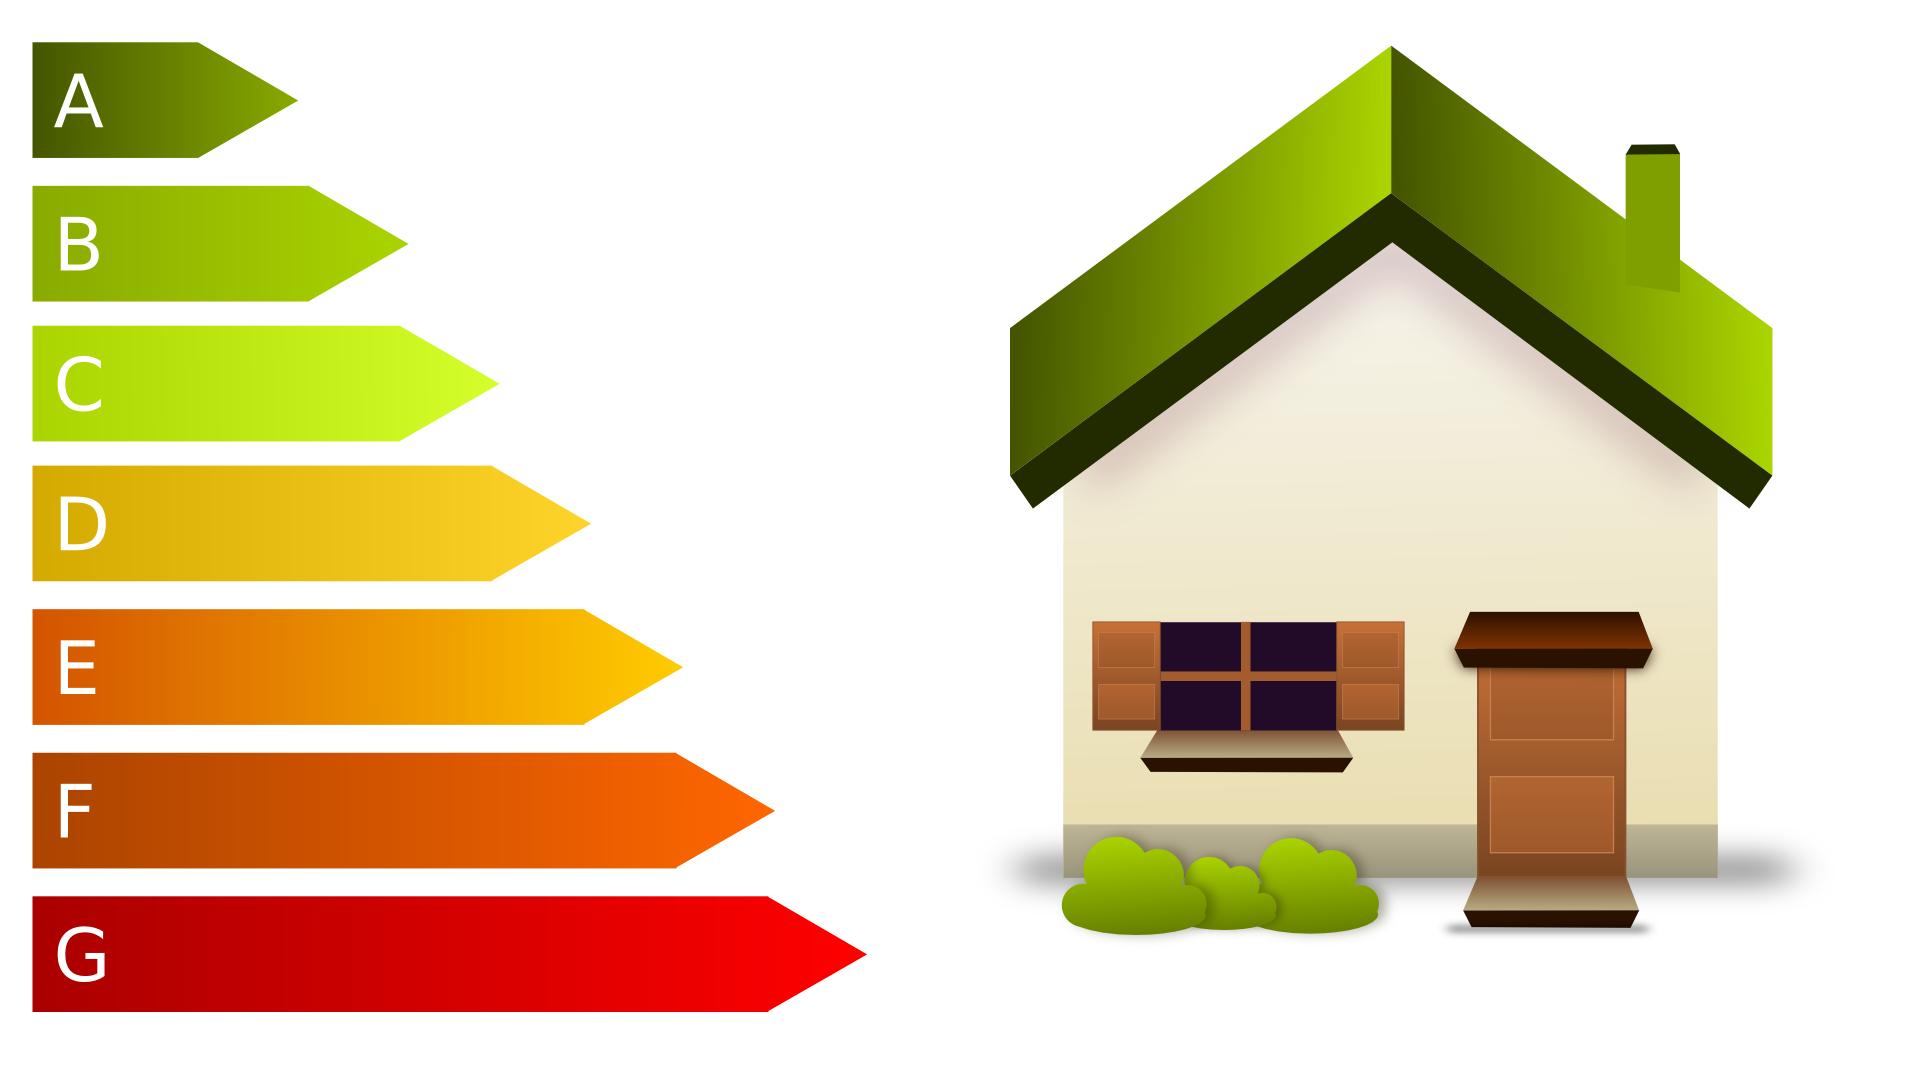 Imagen del logo del certificado, junto con una casa